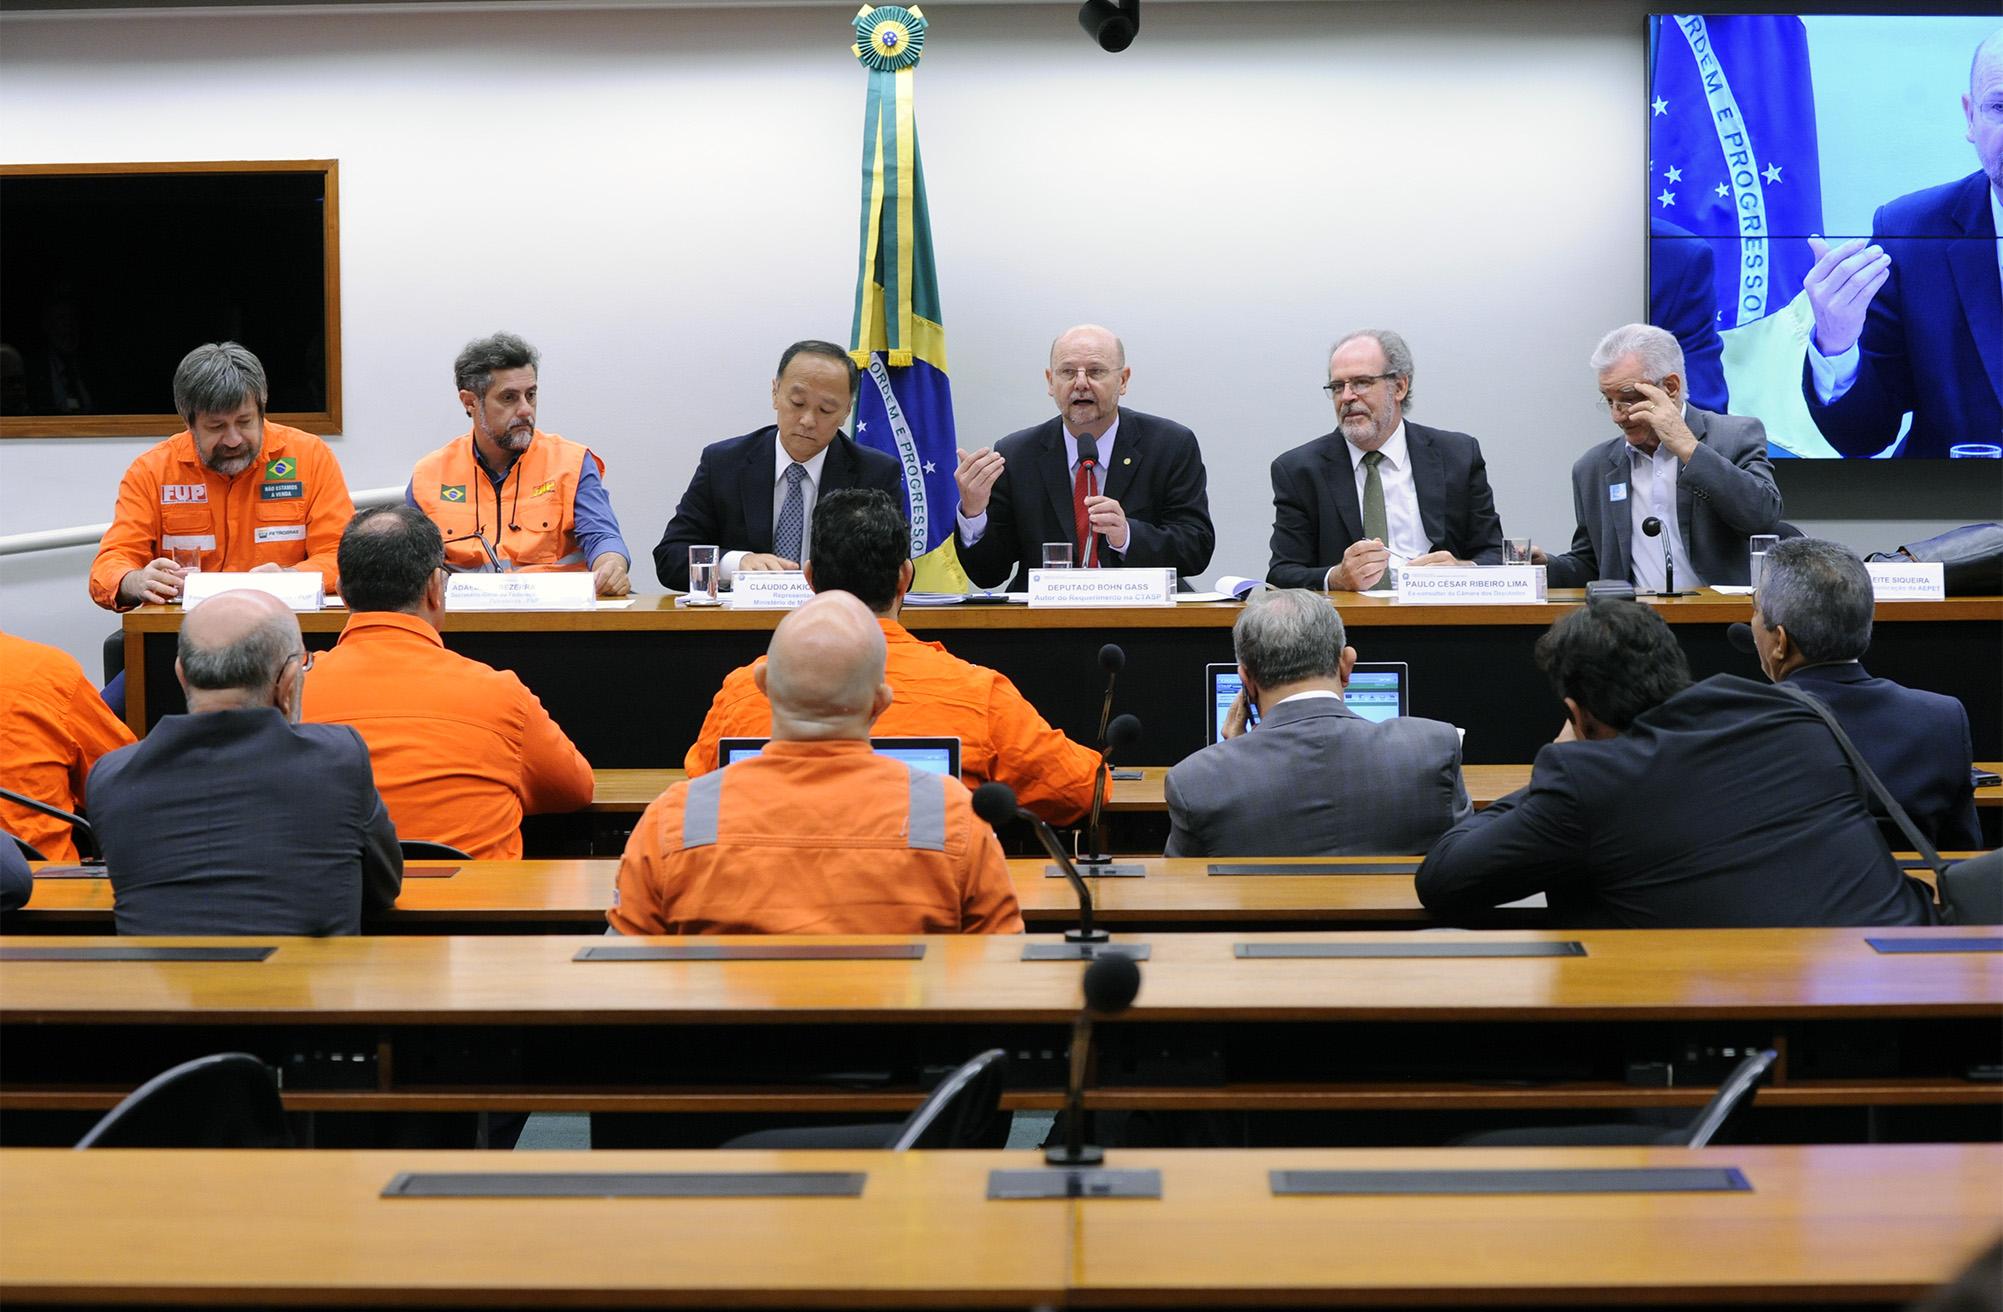 Audiência pública sobre o refino de petróleo como uma questão estratégica para o país